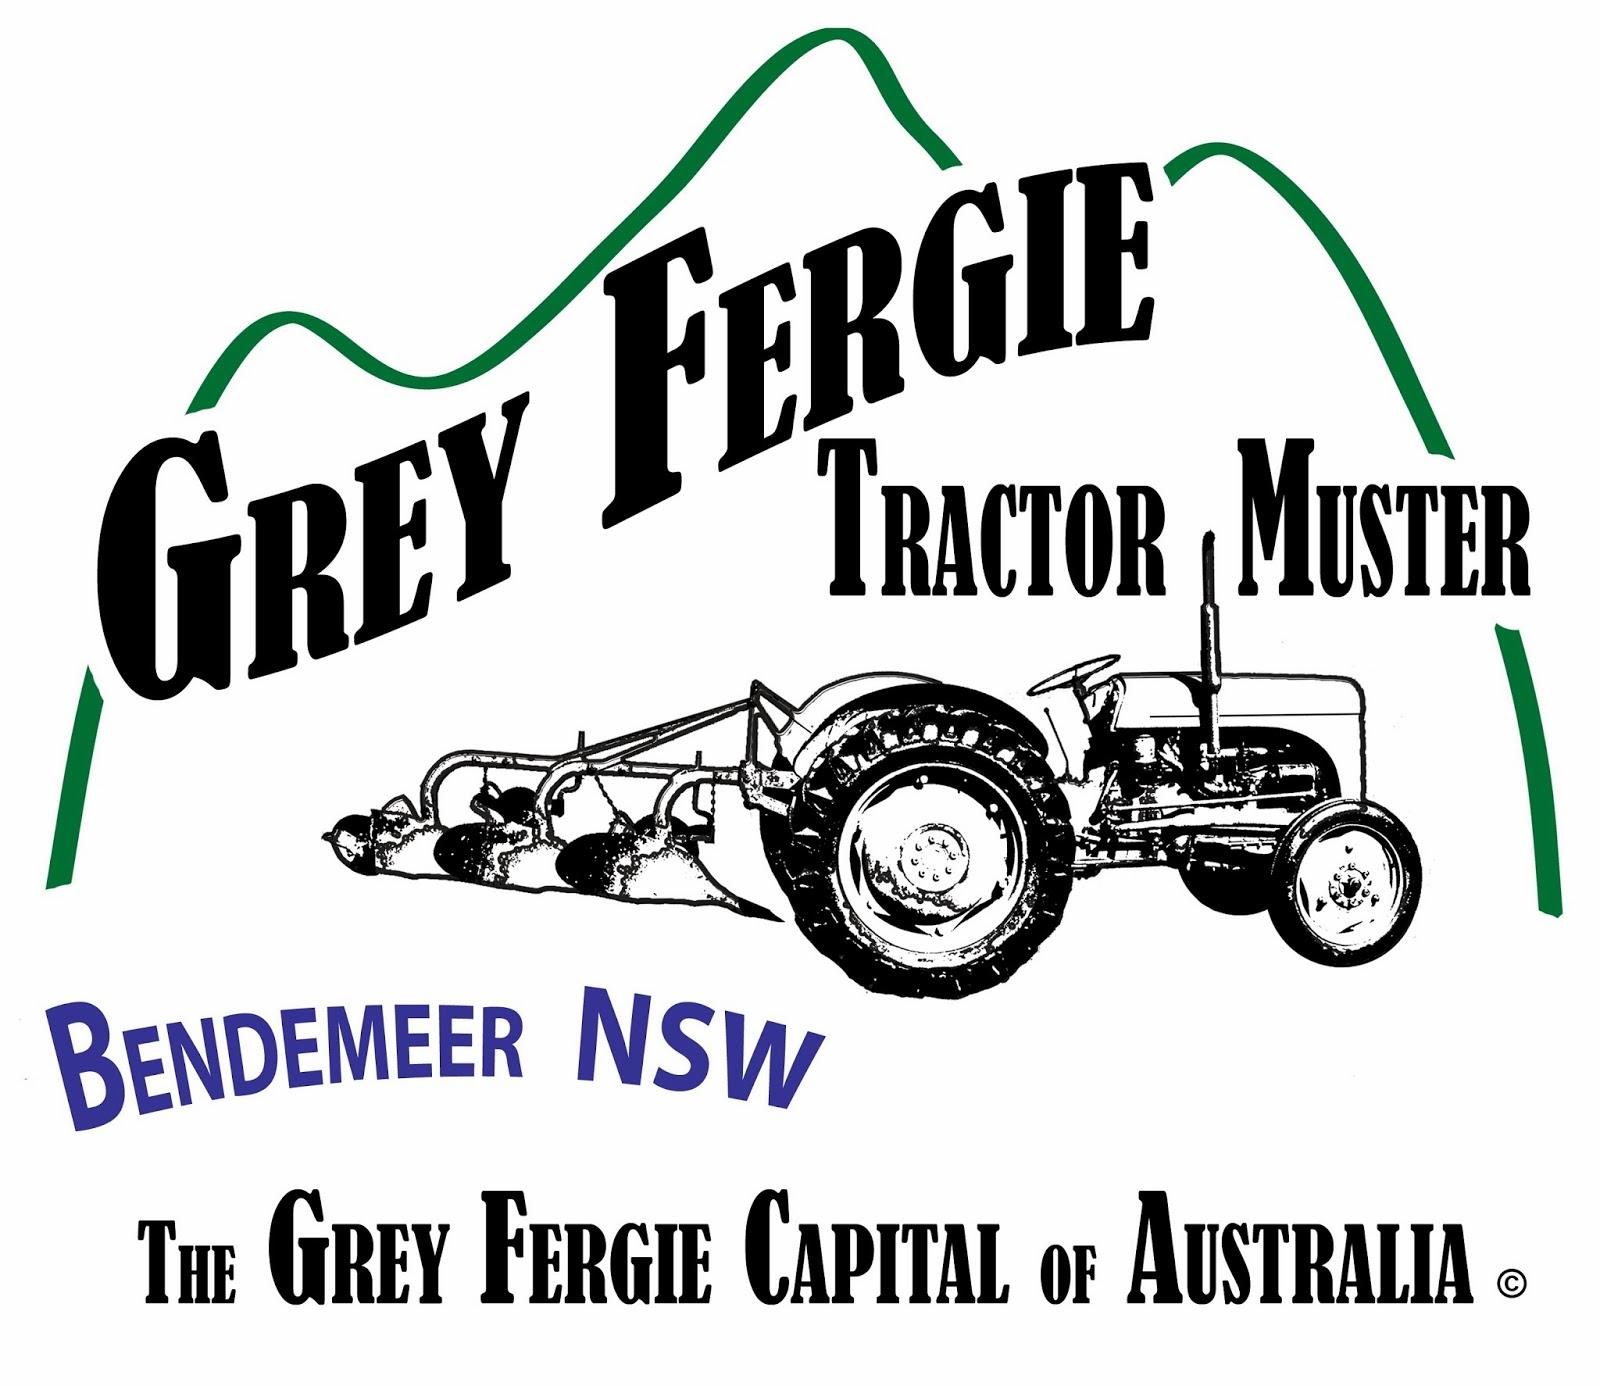 www.greyfergietractormuster.org.au